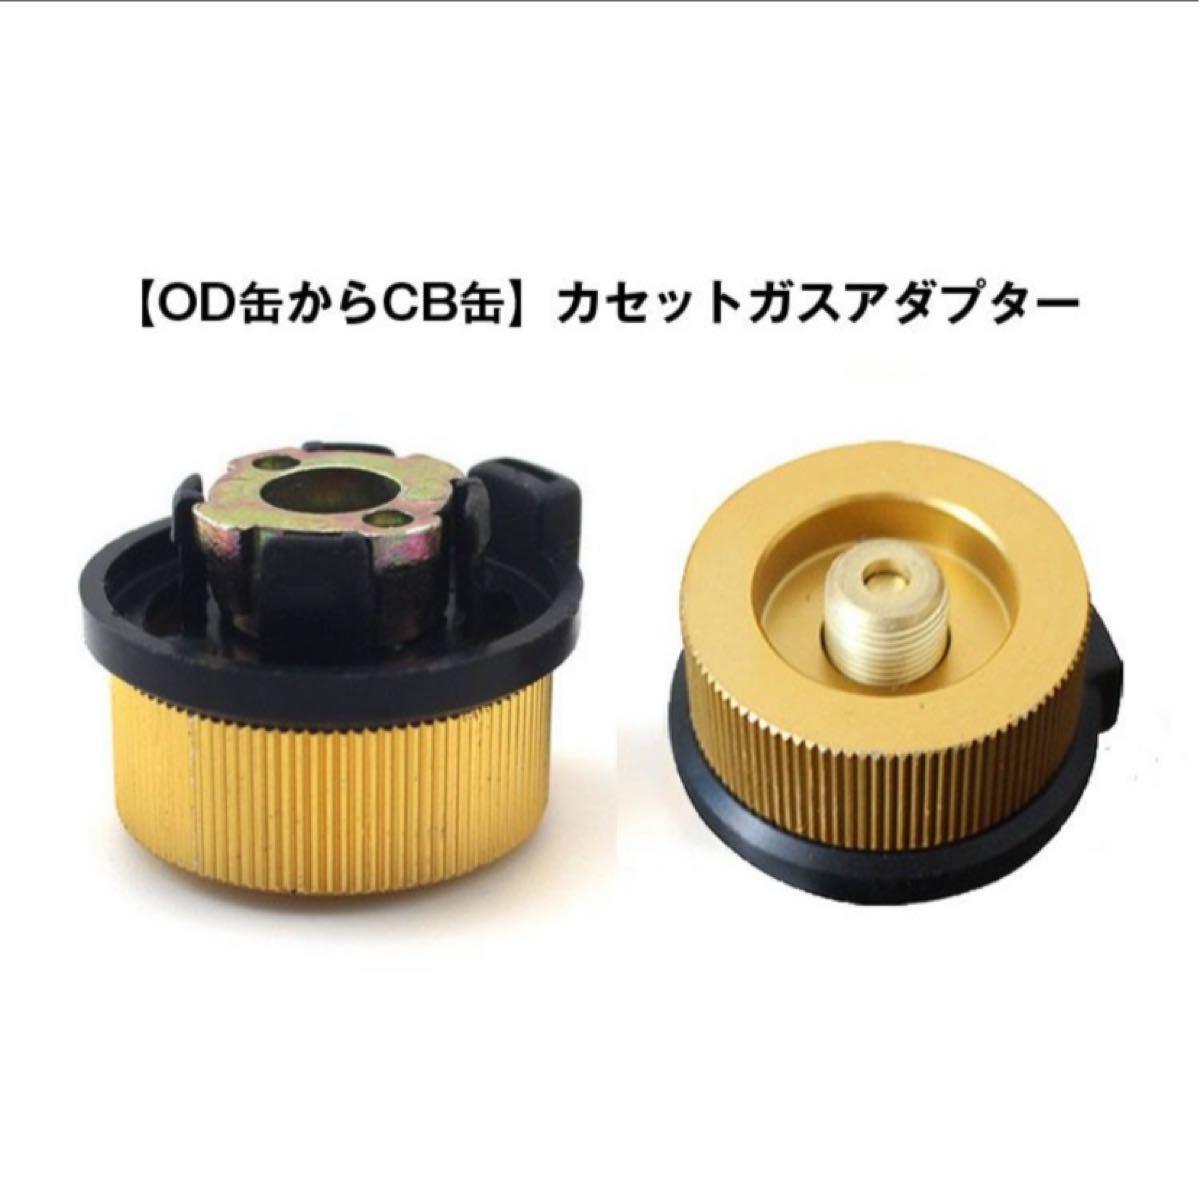 OD缶 CB缶 カセットガス 変換アダプター